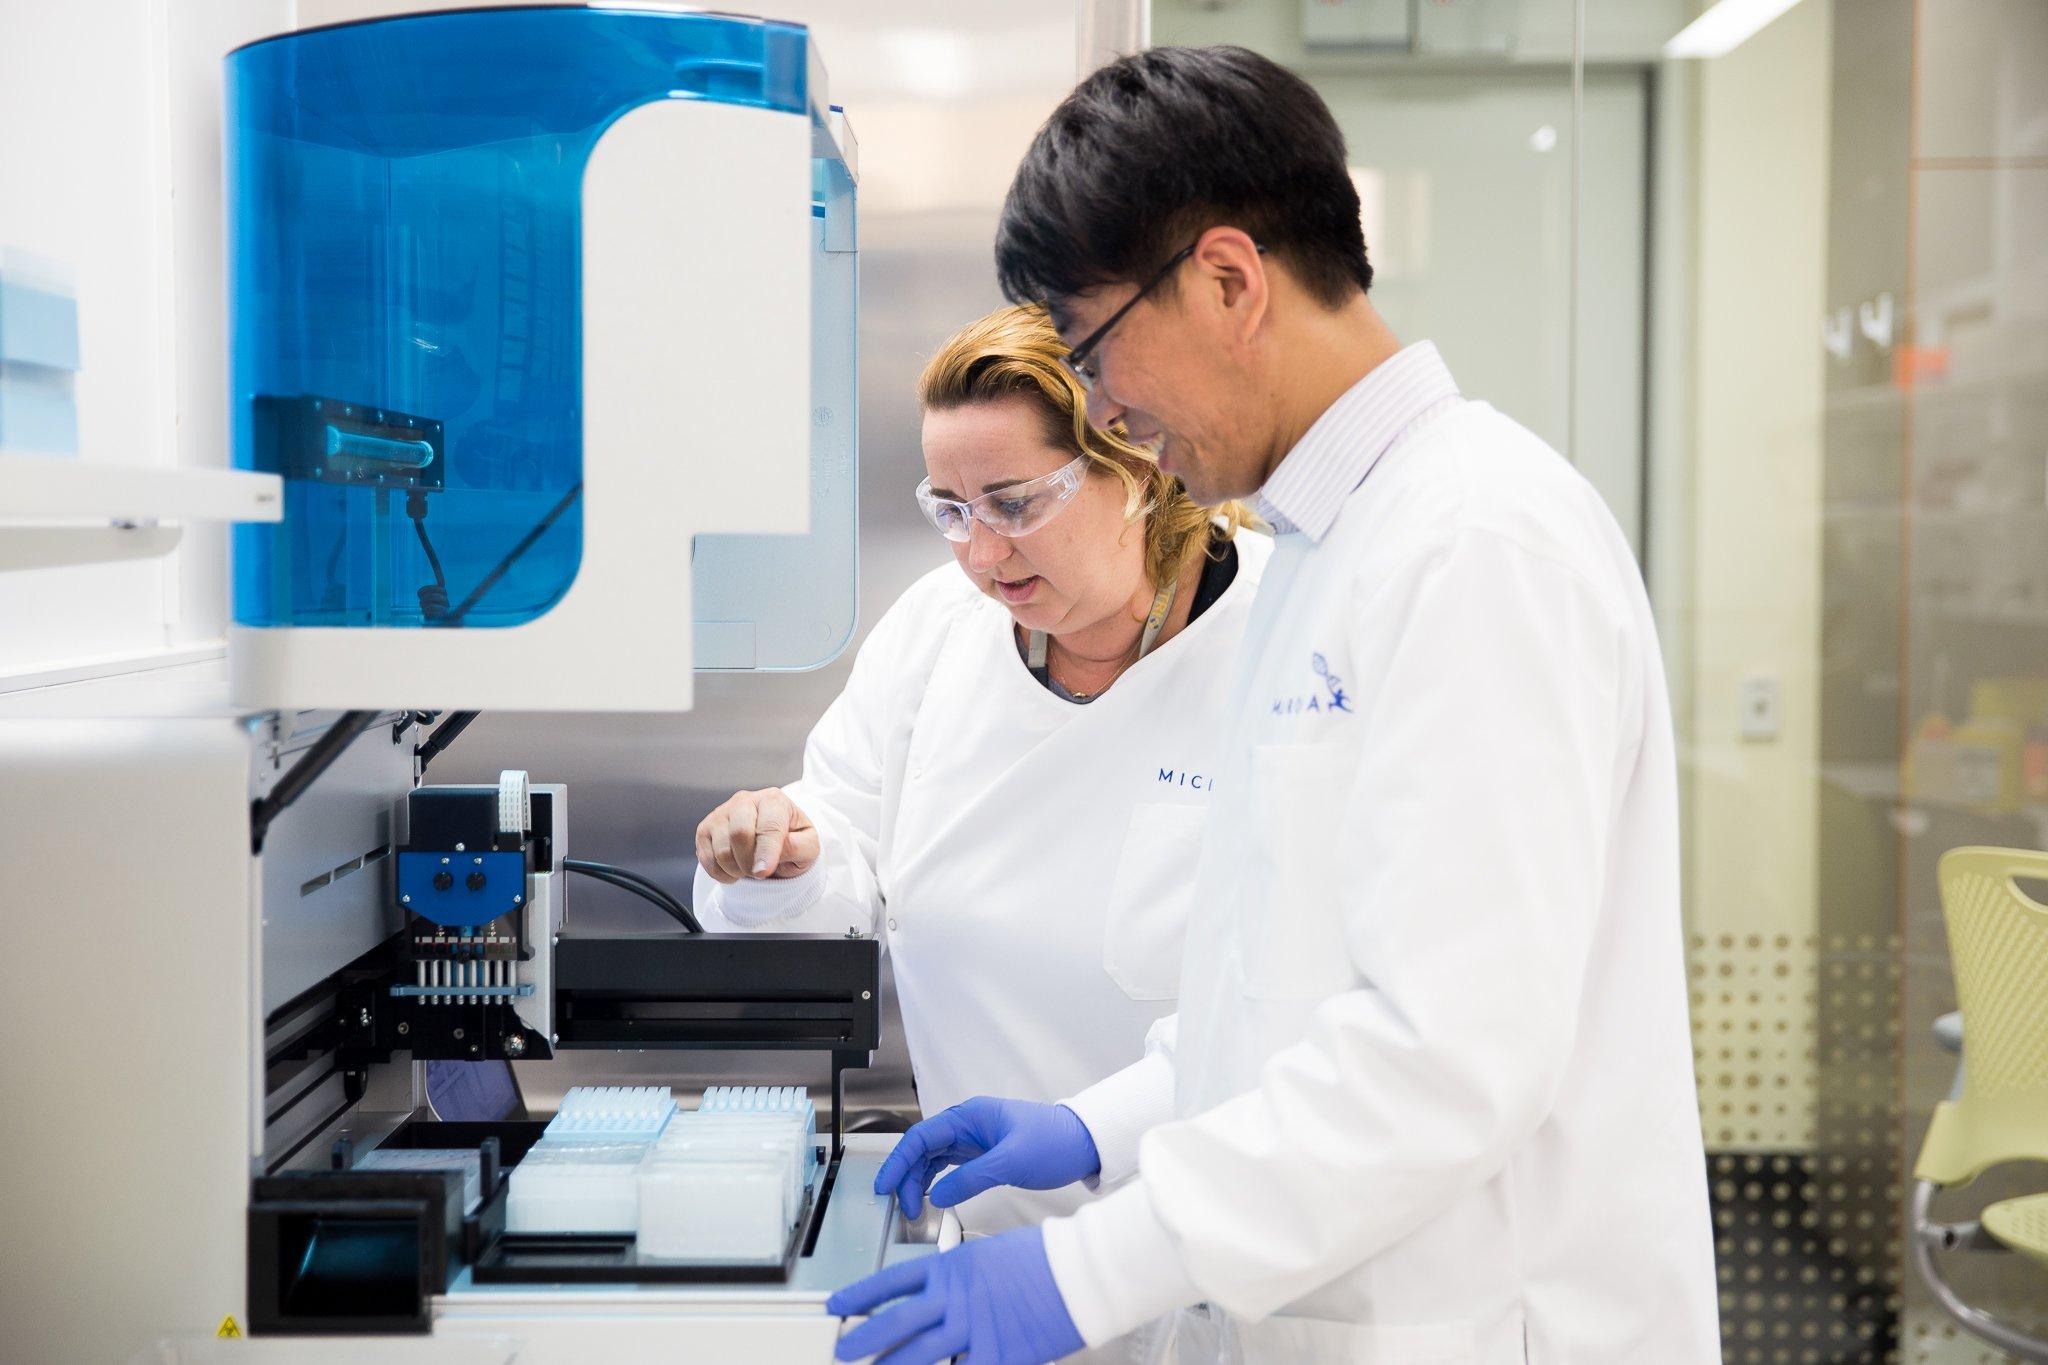 Microba laboratory staff